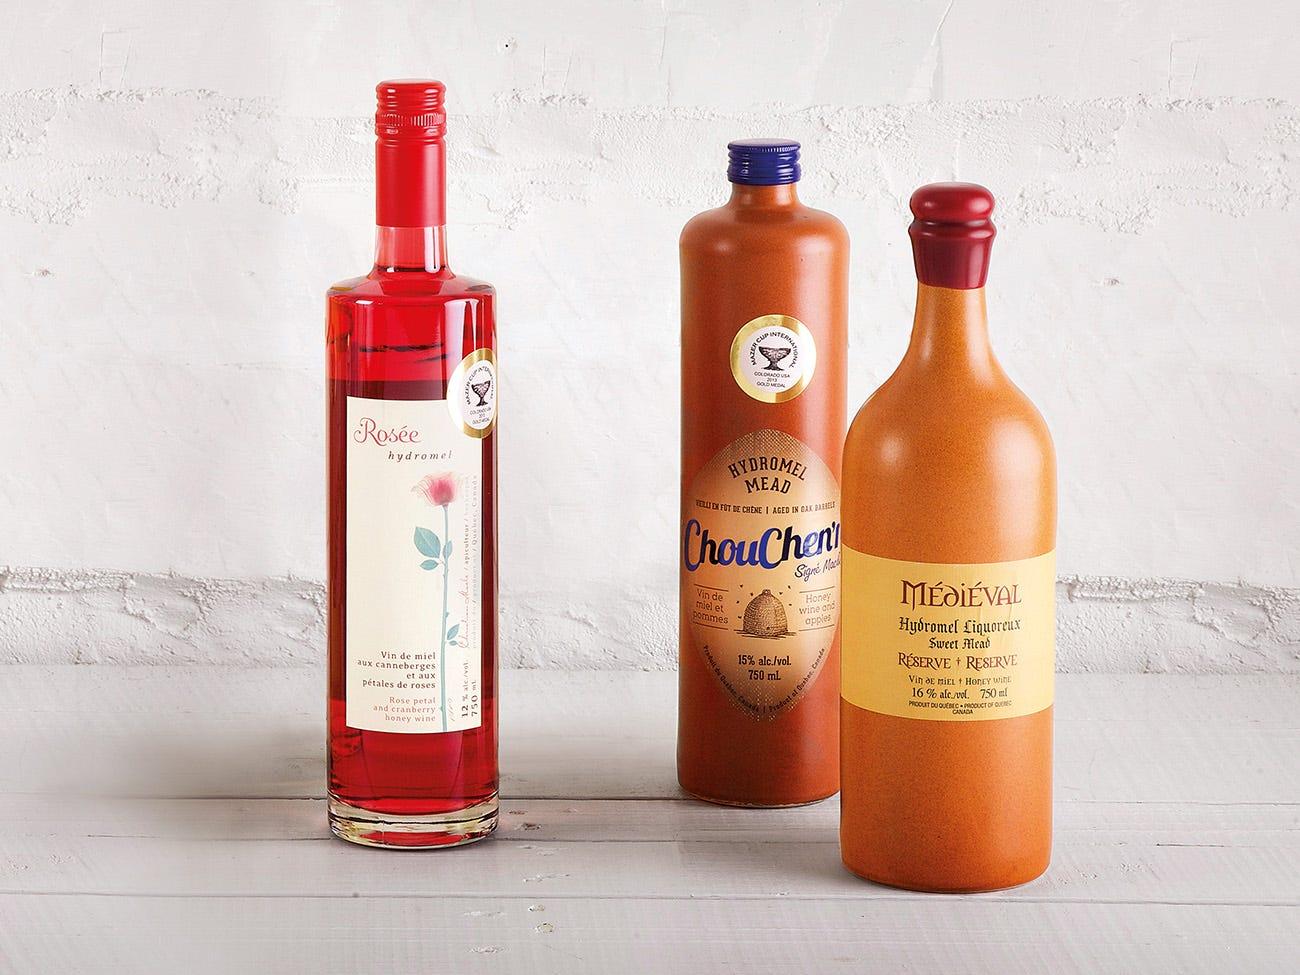 bouteille rosé et hydromel